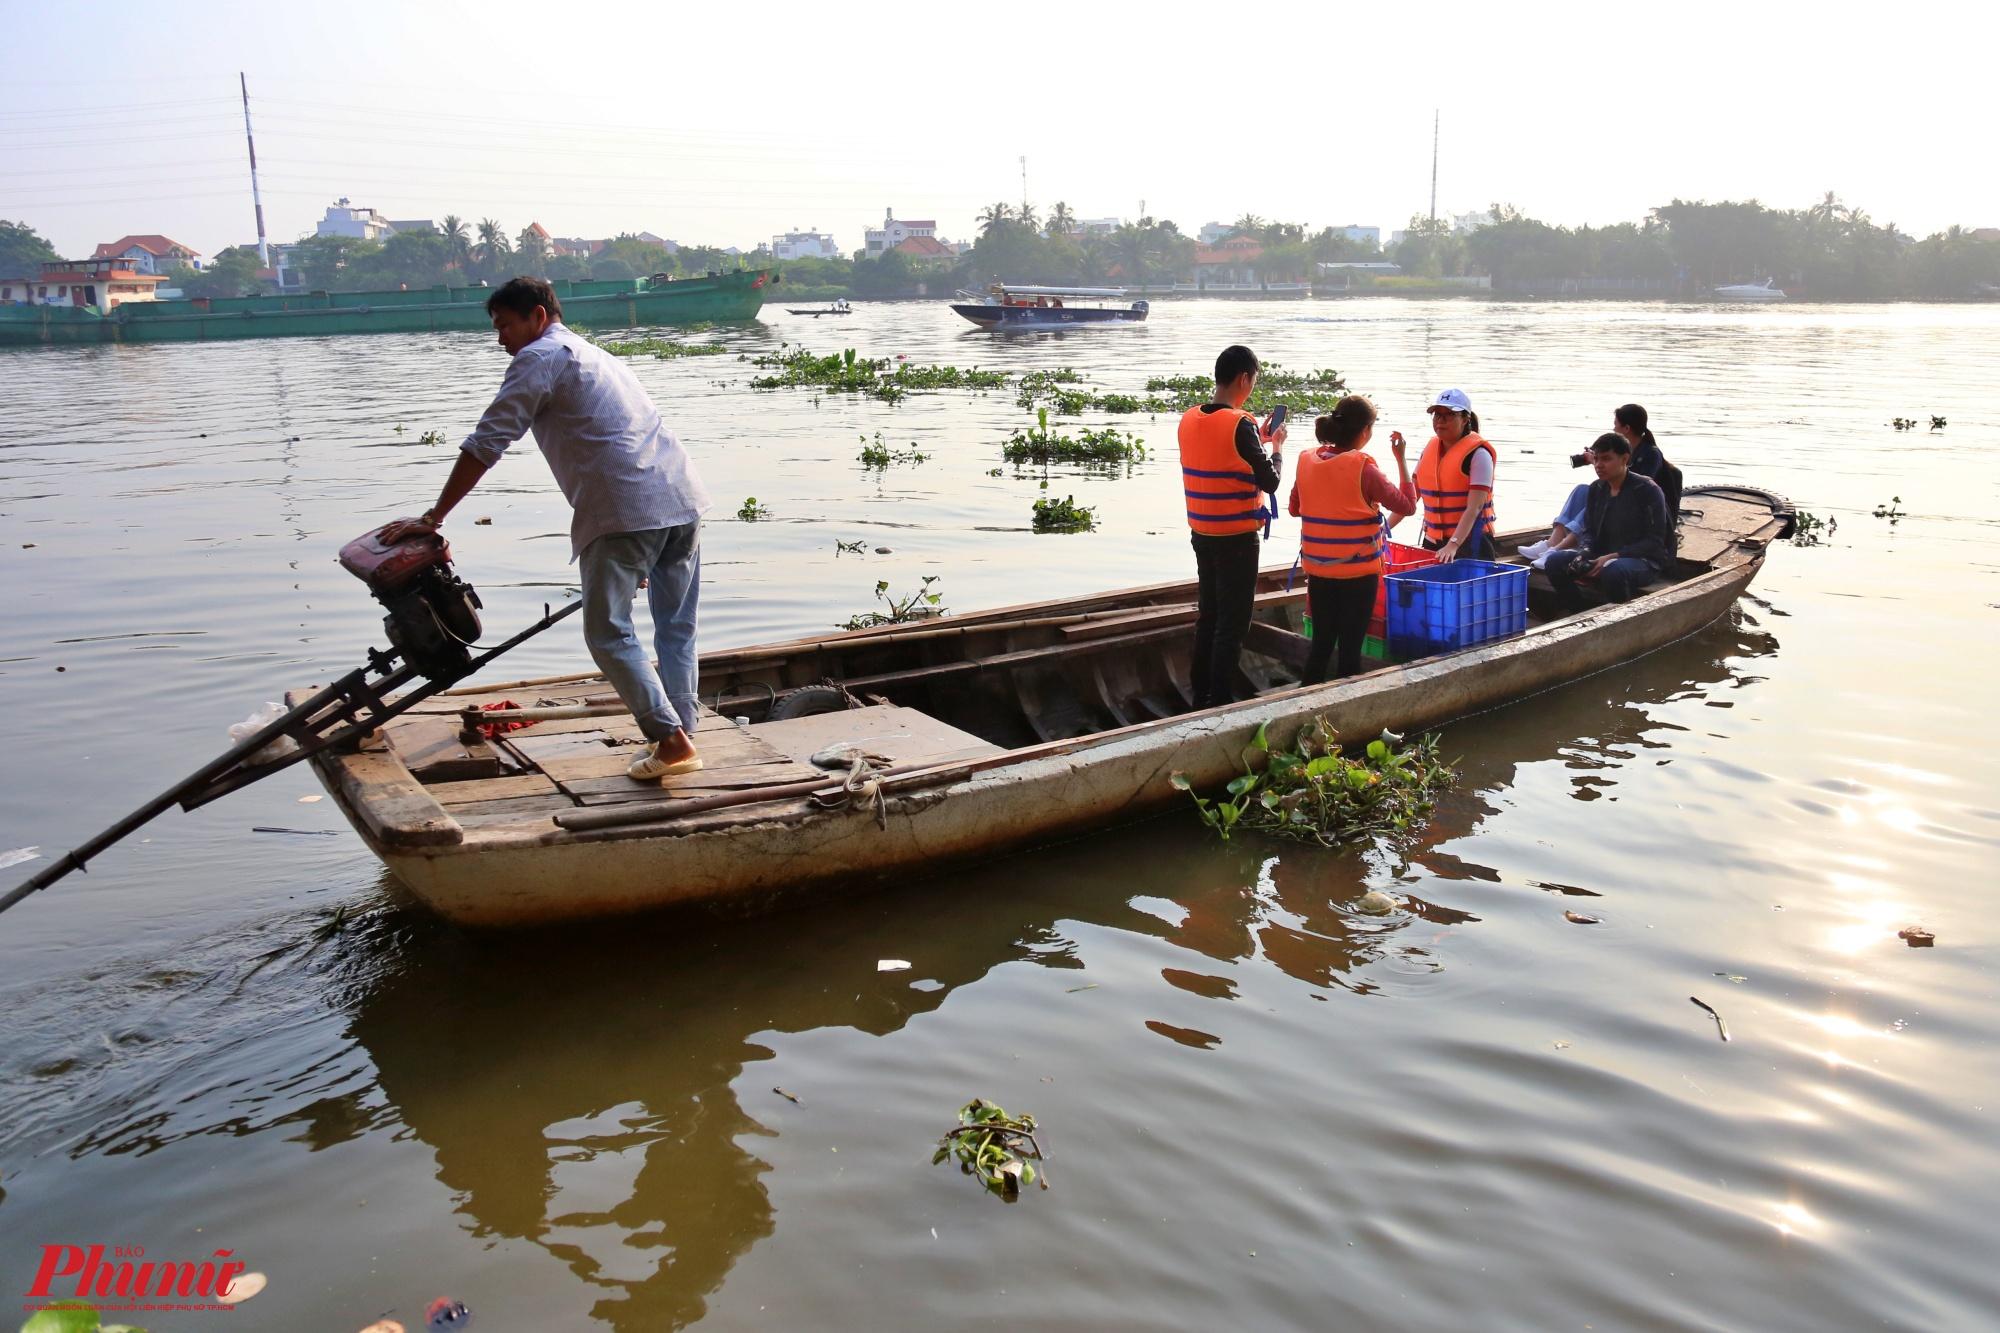 Để tránh việc các bị tận thu, nhiều người thuê ghe ra giữa sông để thả cá